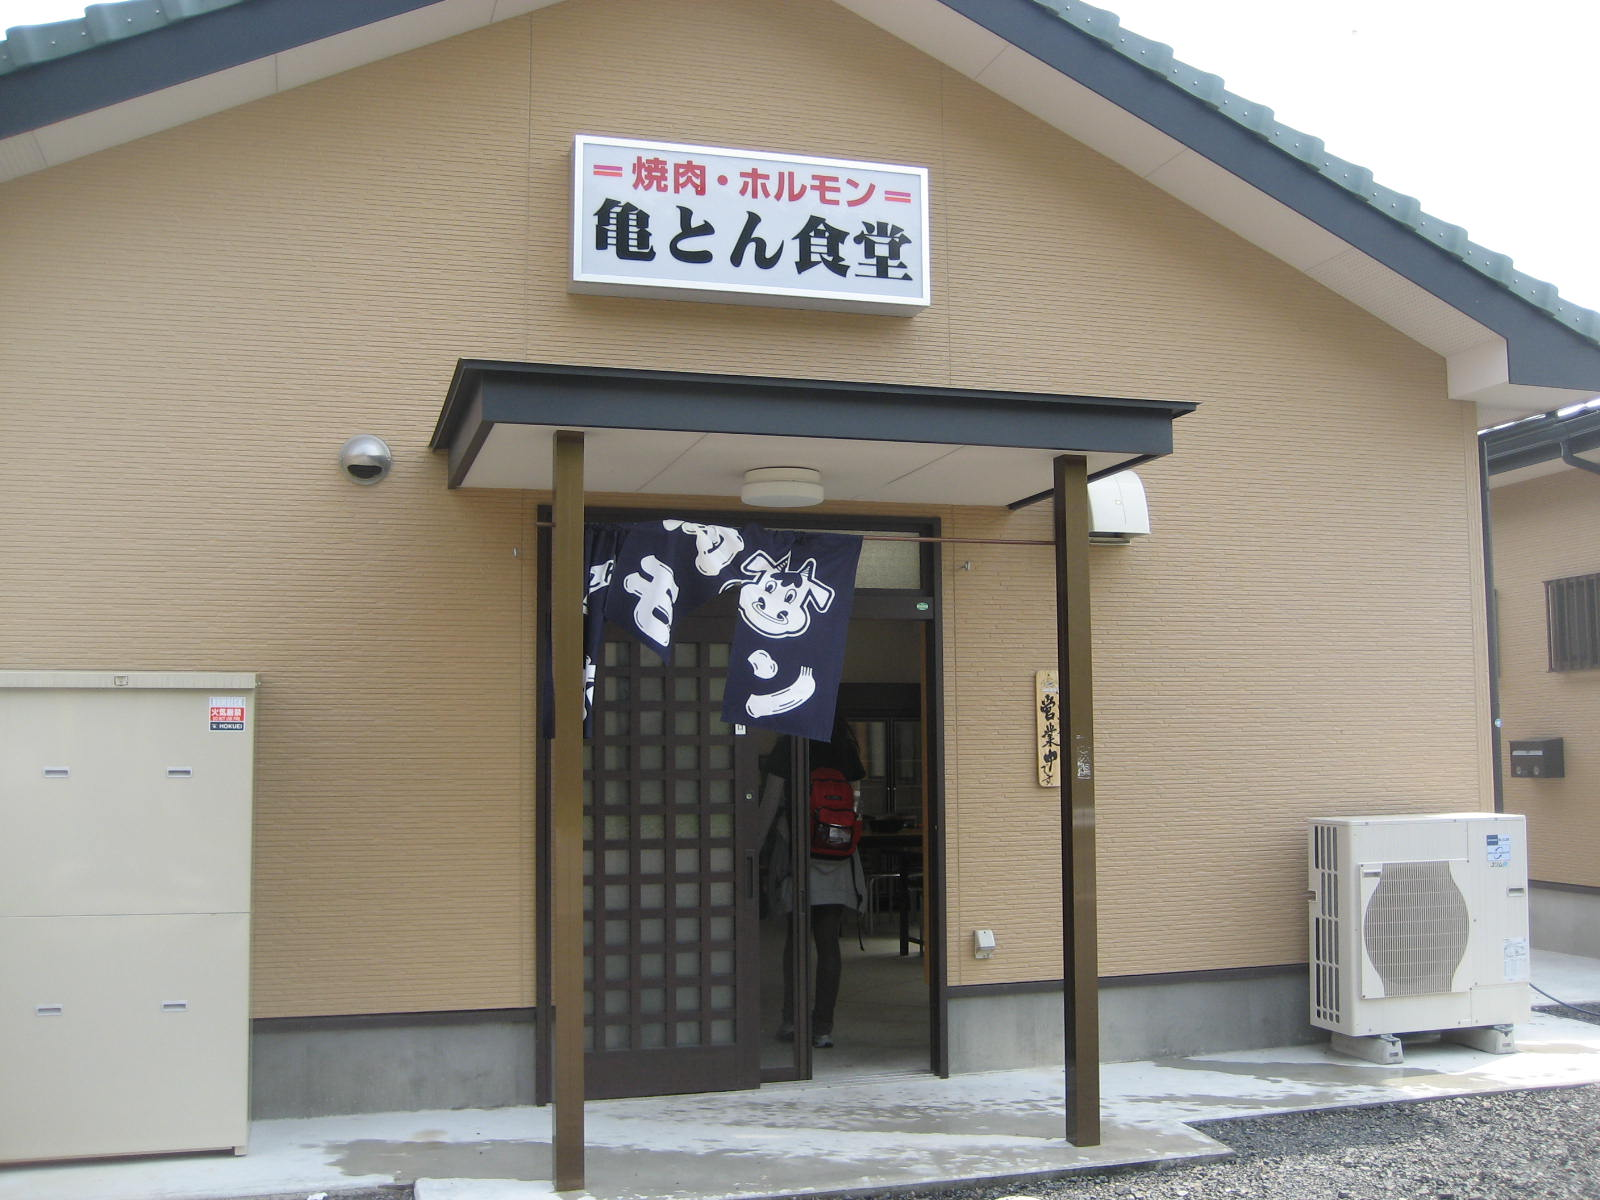 関宿~亀山宿 | 不妊|鍼灸|大阪|不妊の鍼灸治療は三ツ川レディース鍼灸院